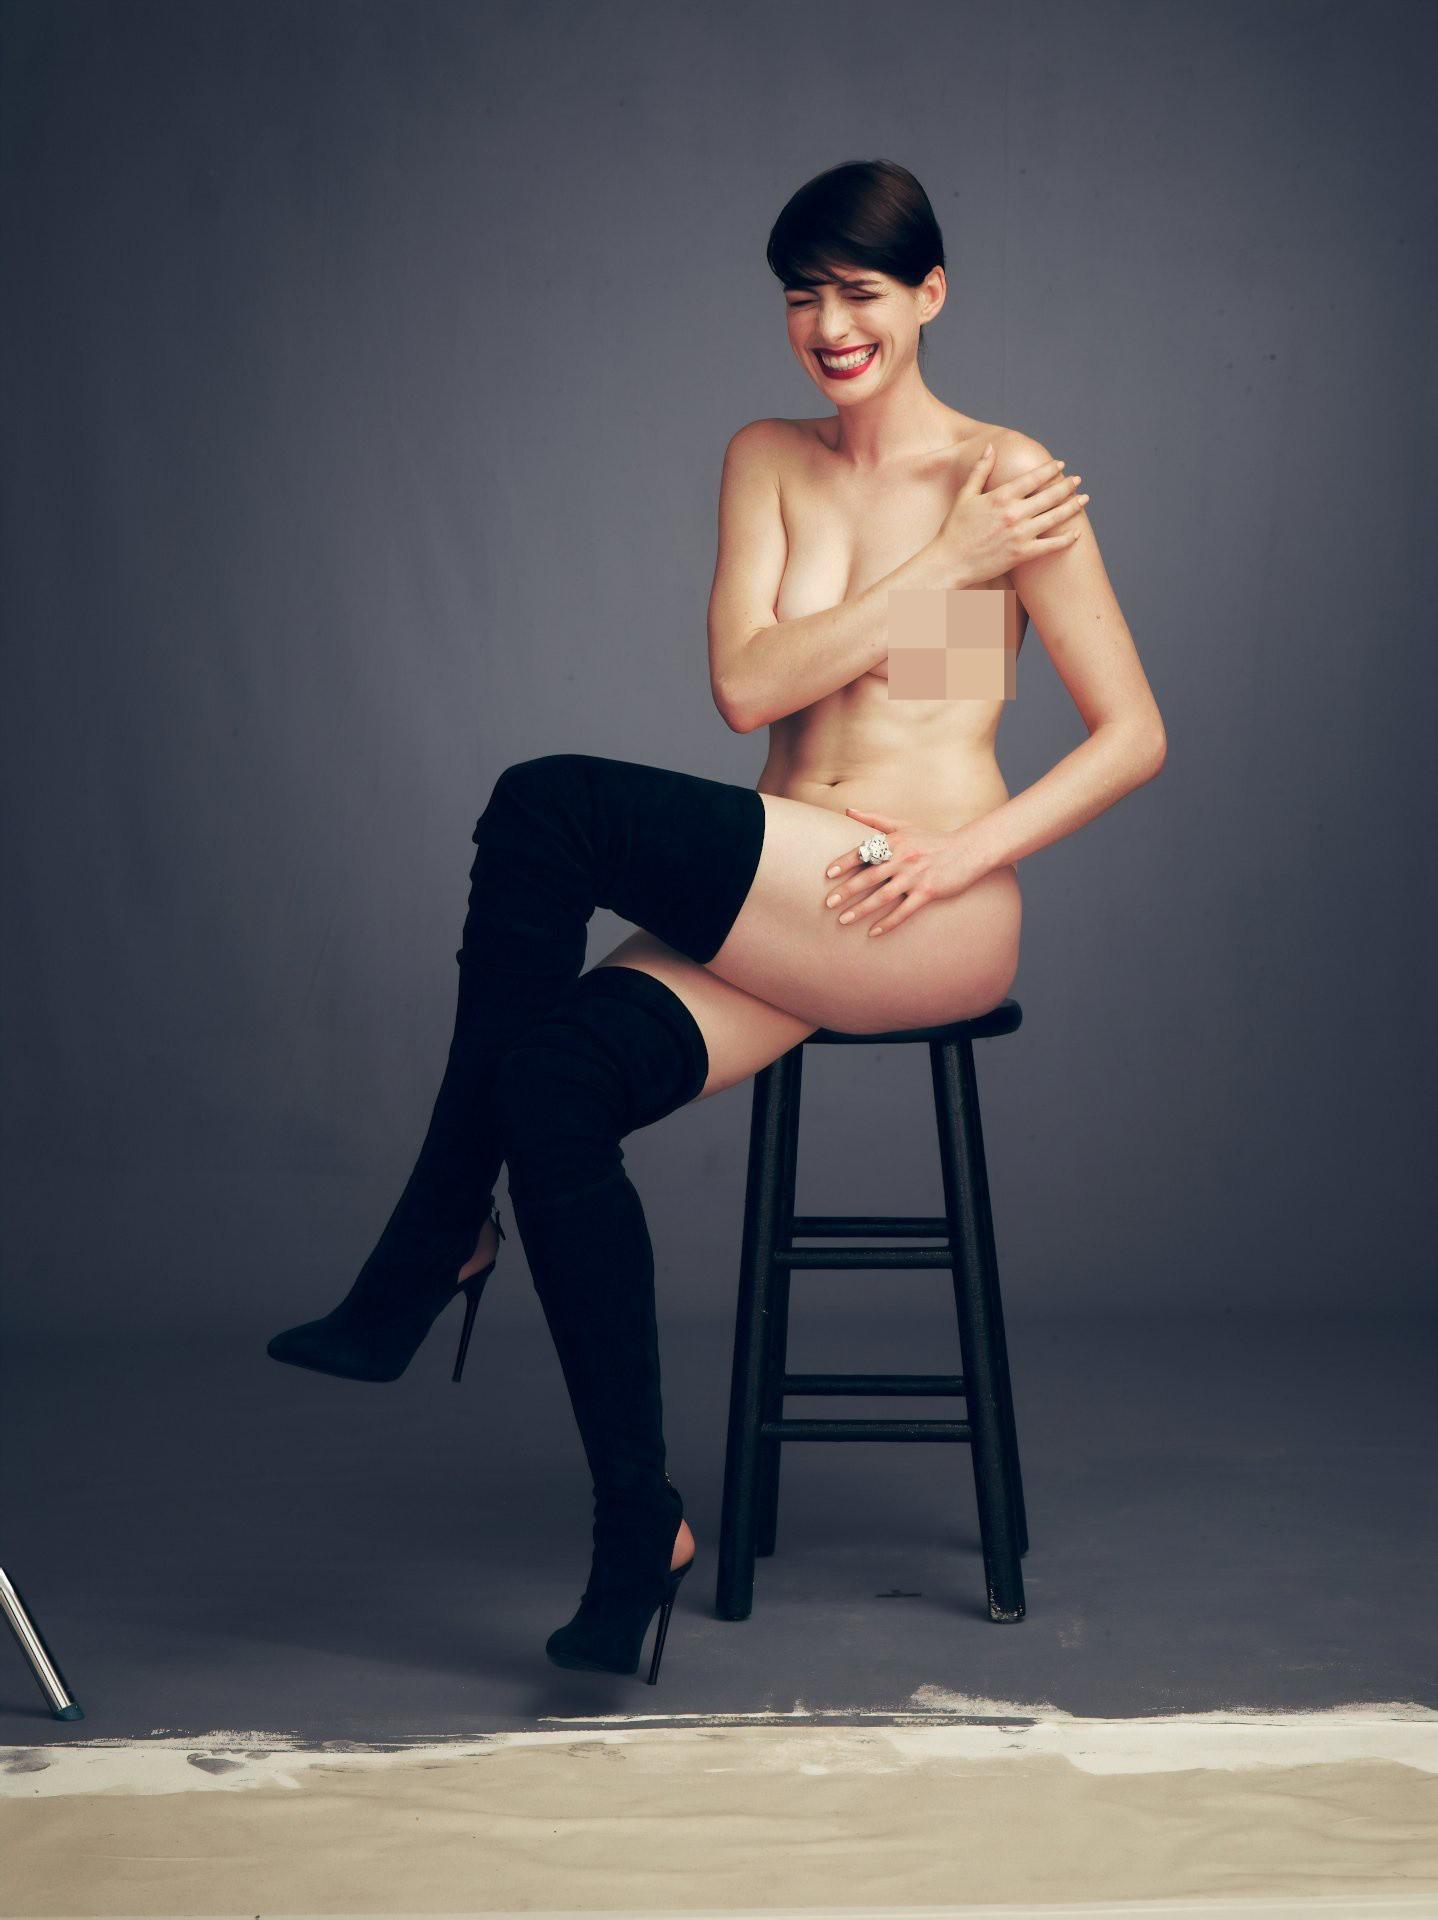 Mê mẩn trước bộ ảnh nóng bỏng mắt, đang gây bão mạng vì gần như khoả thân hoàn toàn của Anne Hathaway - Ảnh 5.